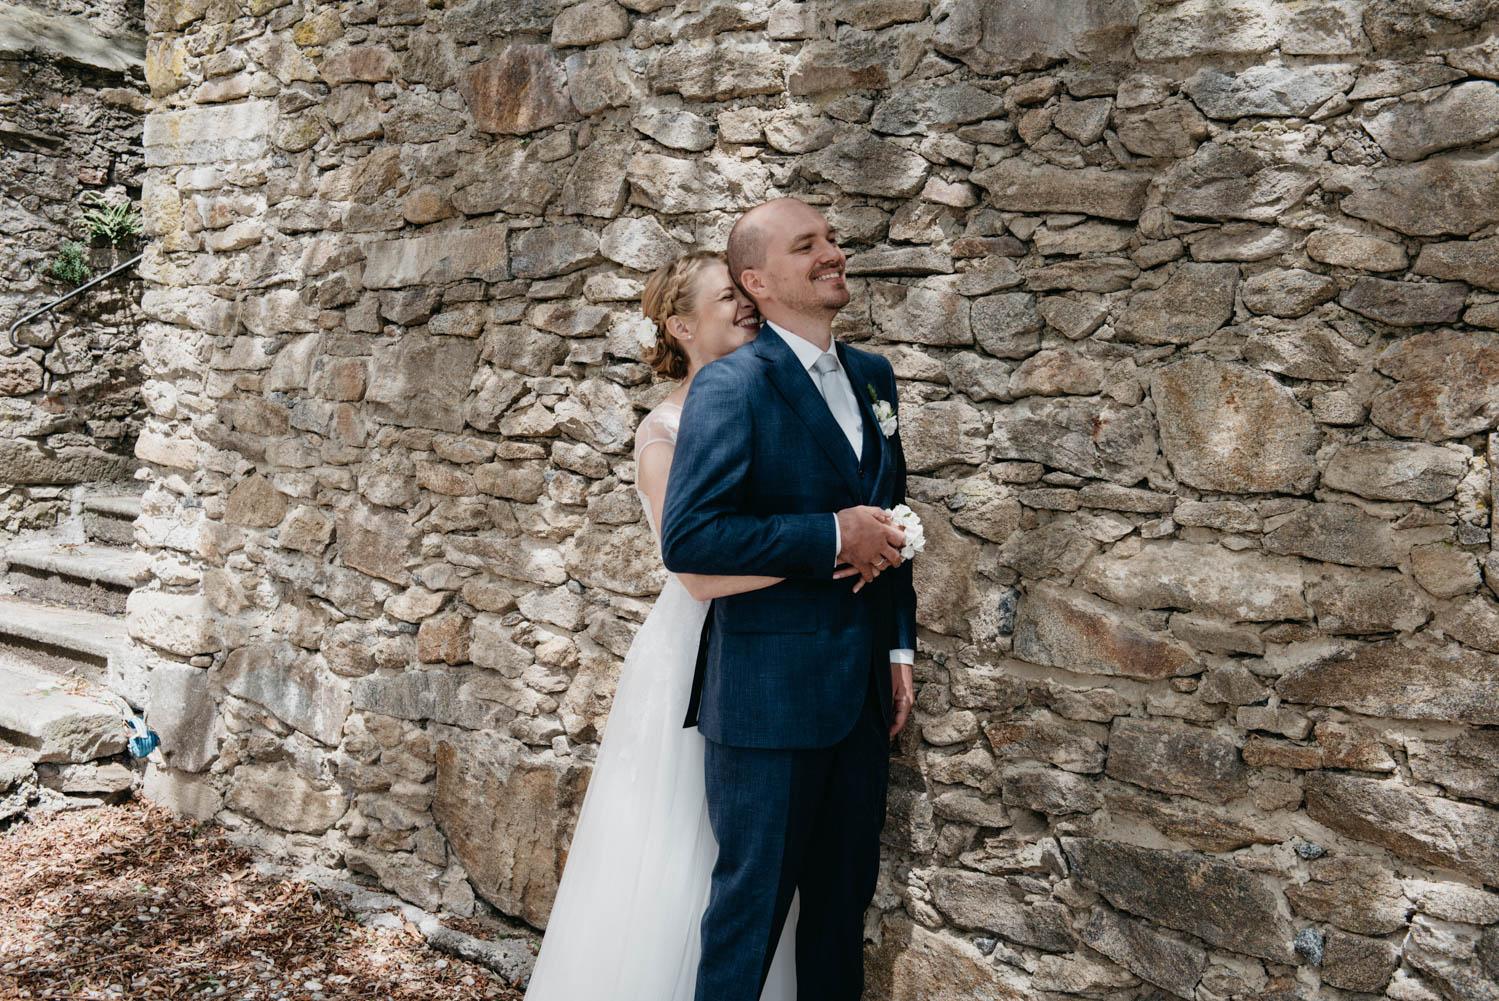 wewillweddings-hochzeitsfotografen-schloss-altenhof-wien-tirol-__sterreich-manuelamichael-27 Hochzeitstipps Teil 2 -First Look | Hochzeitsfotografin Tirol